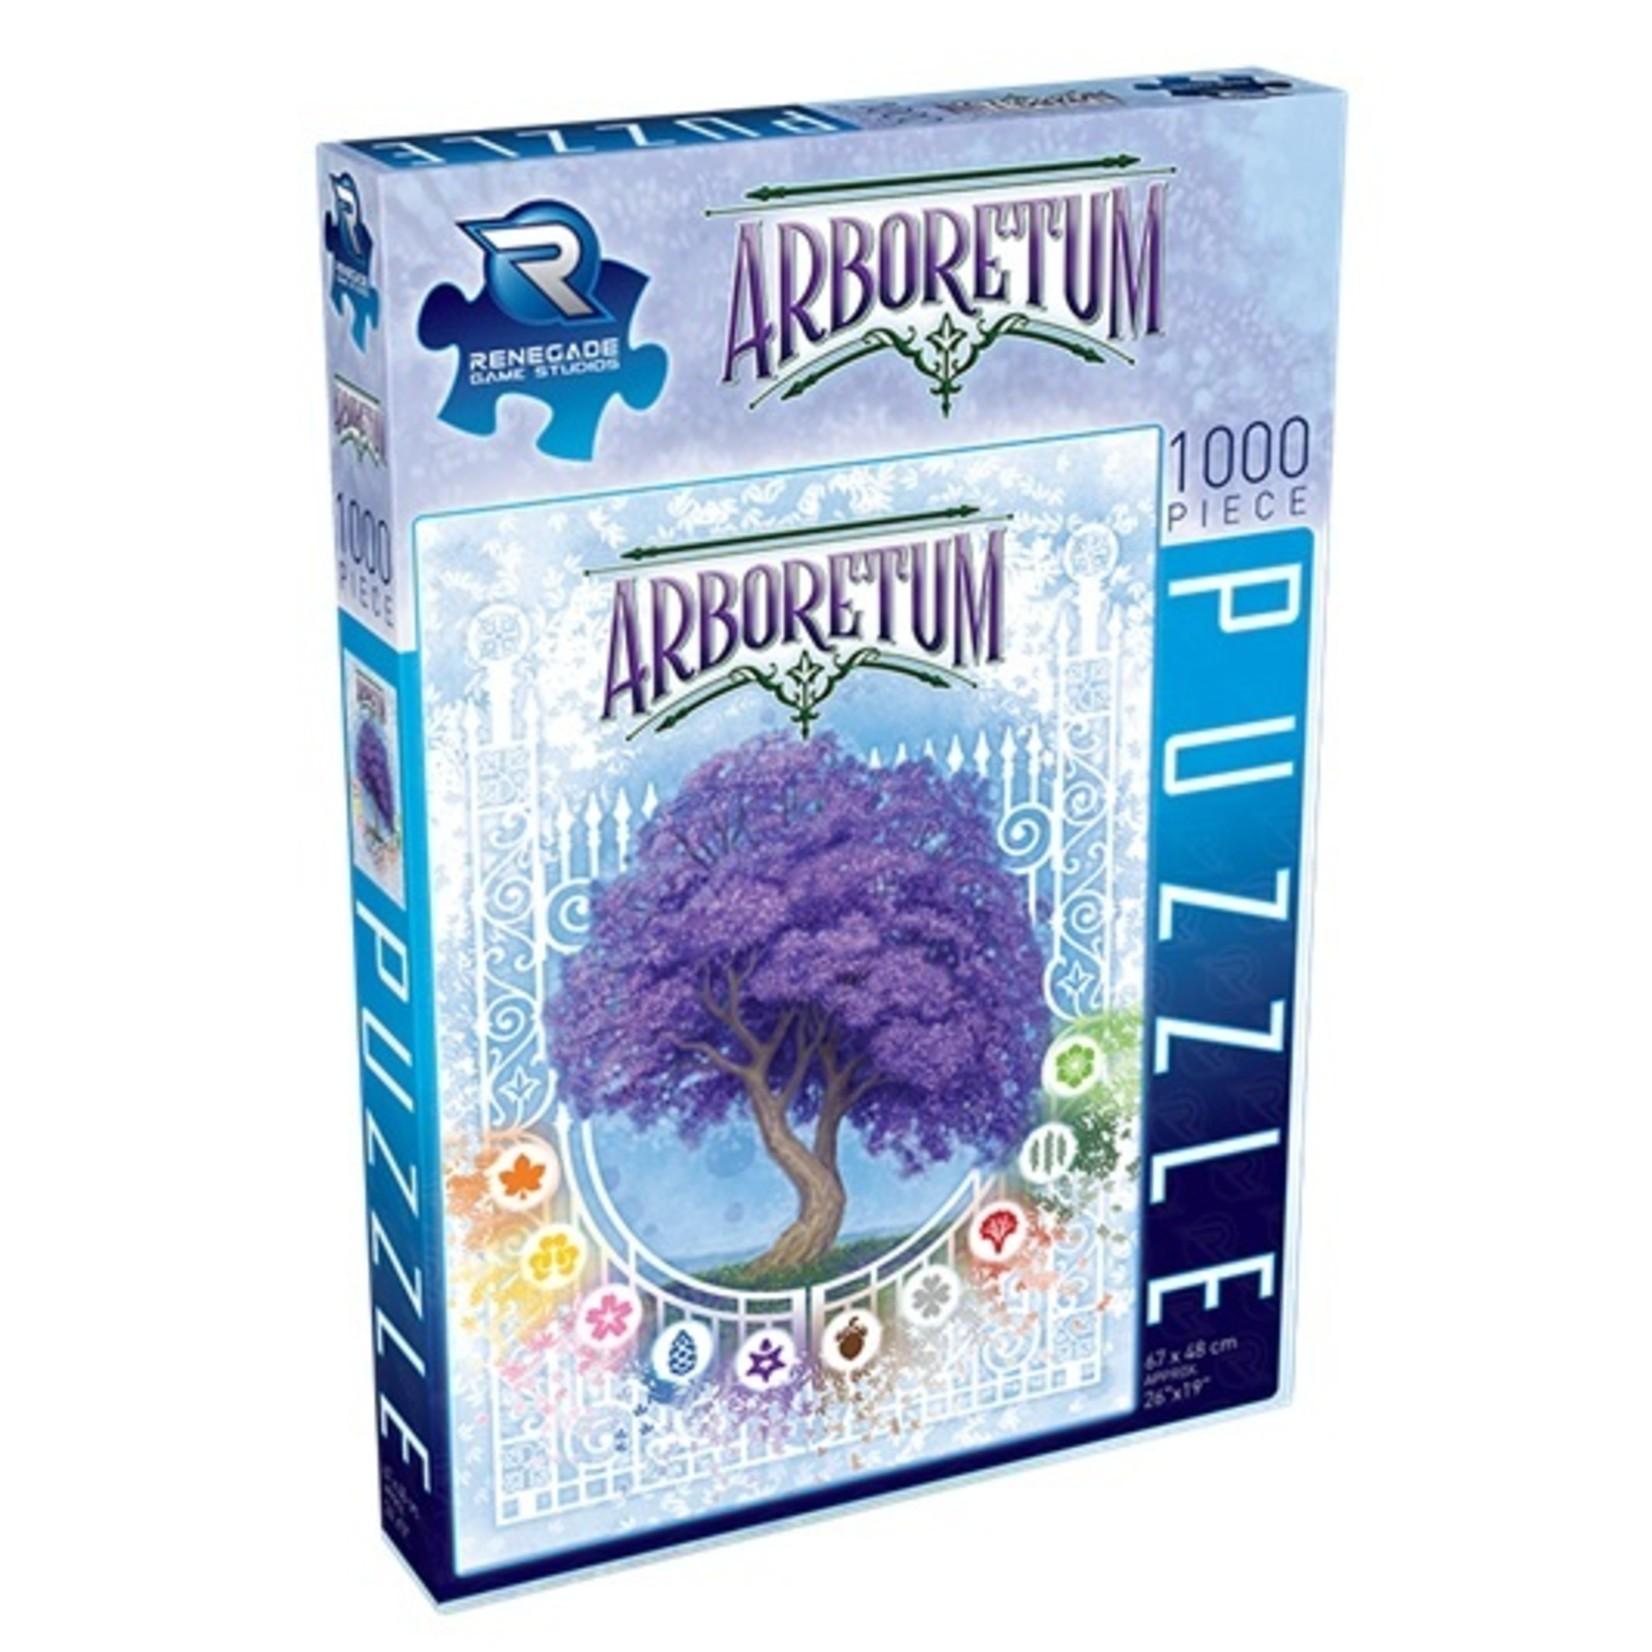 Arboretum 1000 Piece Puzzle